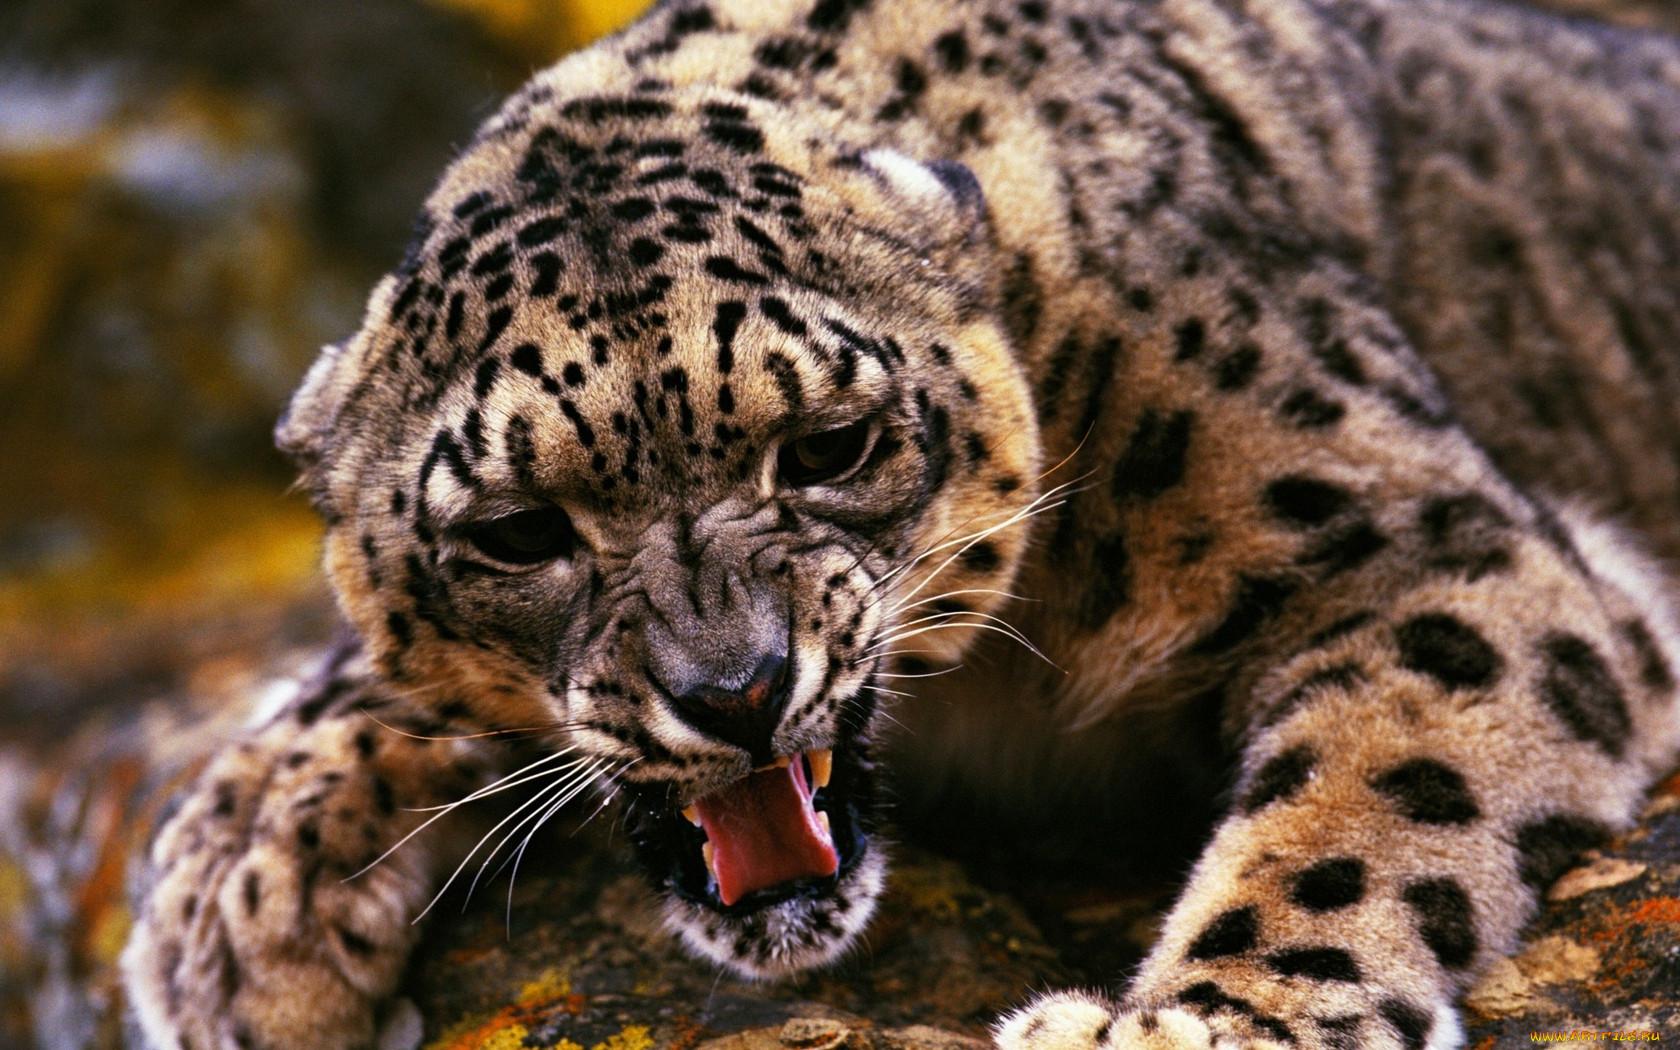 унесла самые красивые животные в мире картинки такой